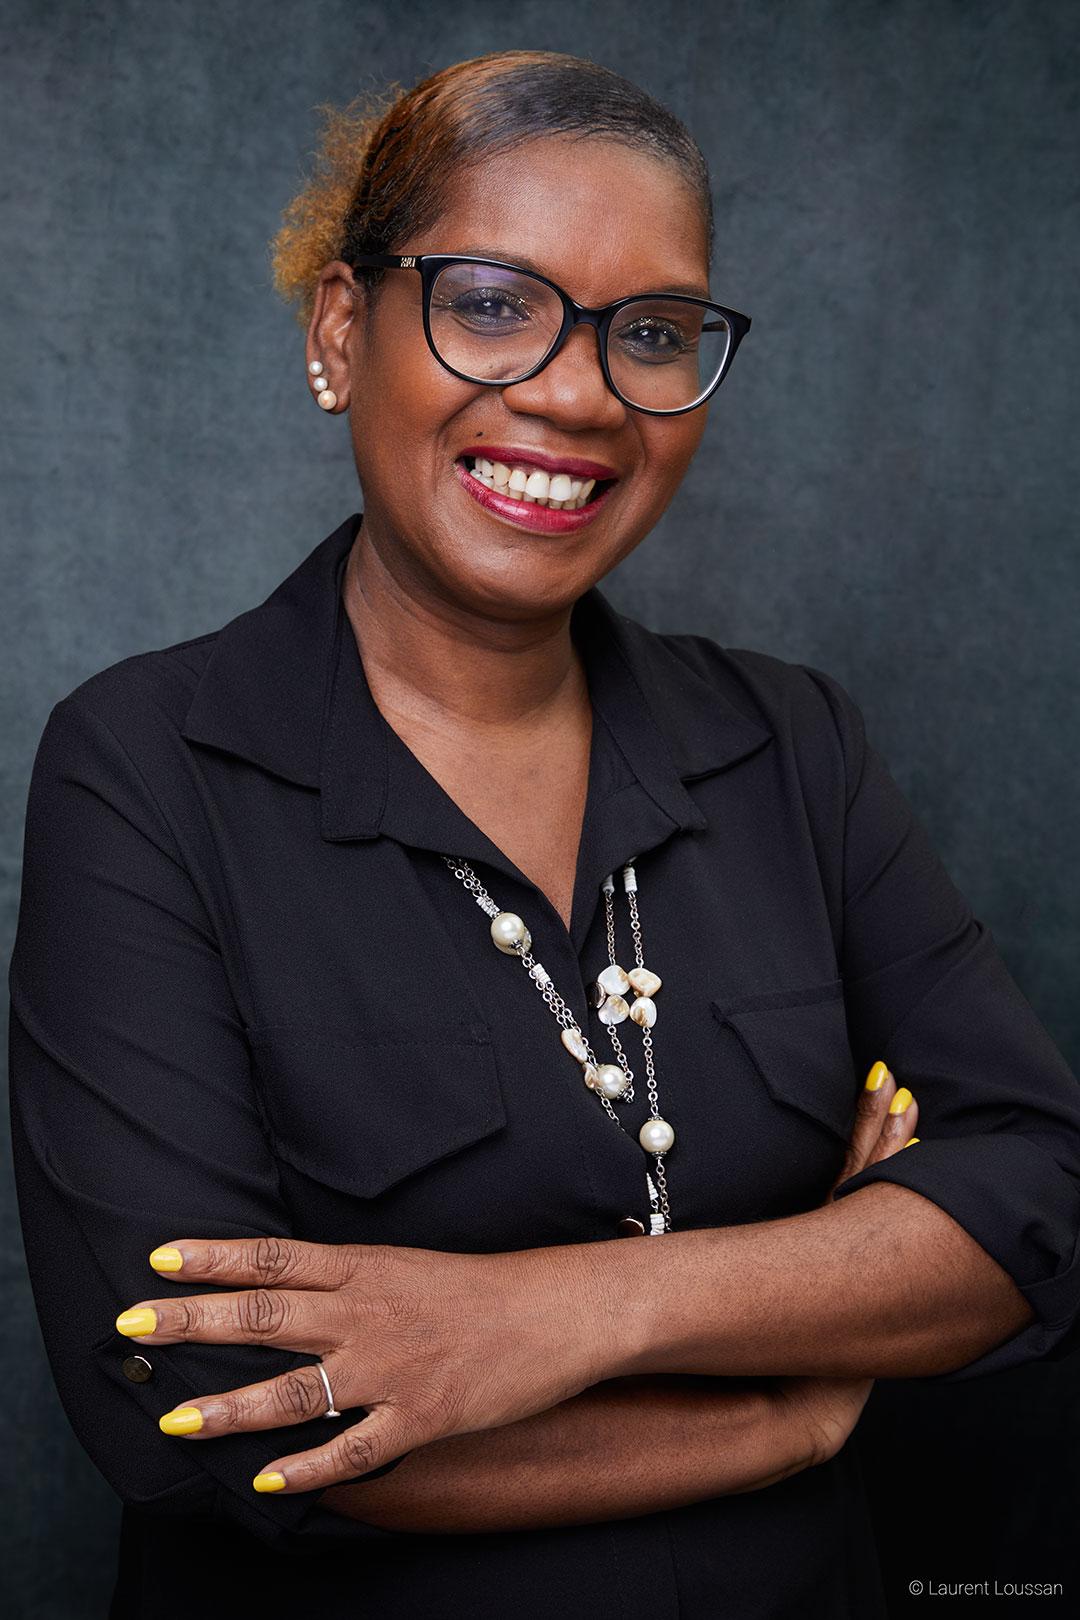 portrait branding Murielle Thézénas @ Laurent Loussan